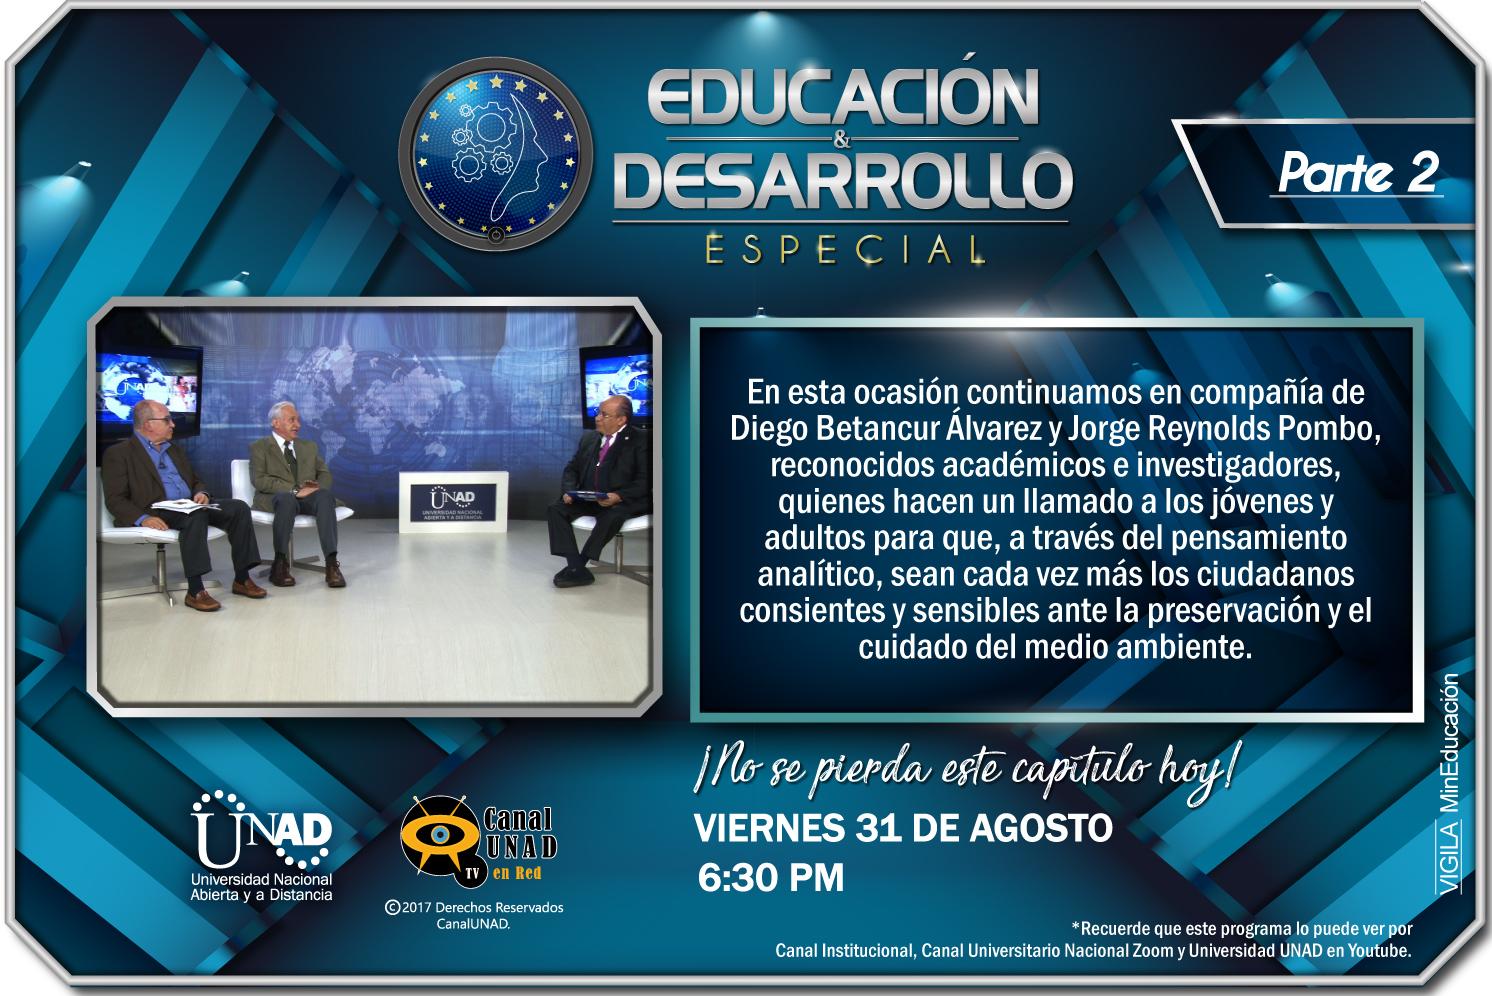 PROGRAMA EDUCACION DESARROLLO 6 Especial Investigadores Publimail 2